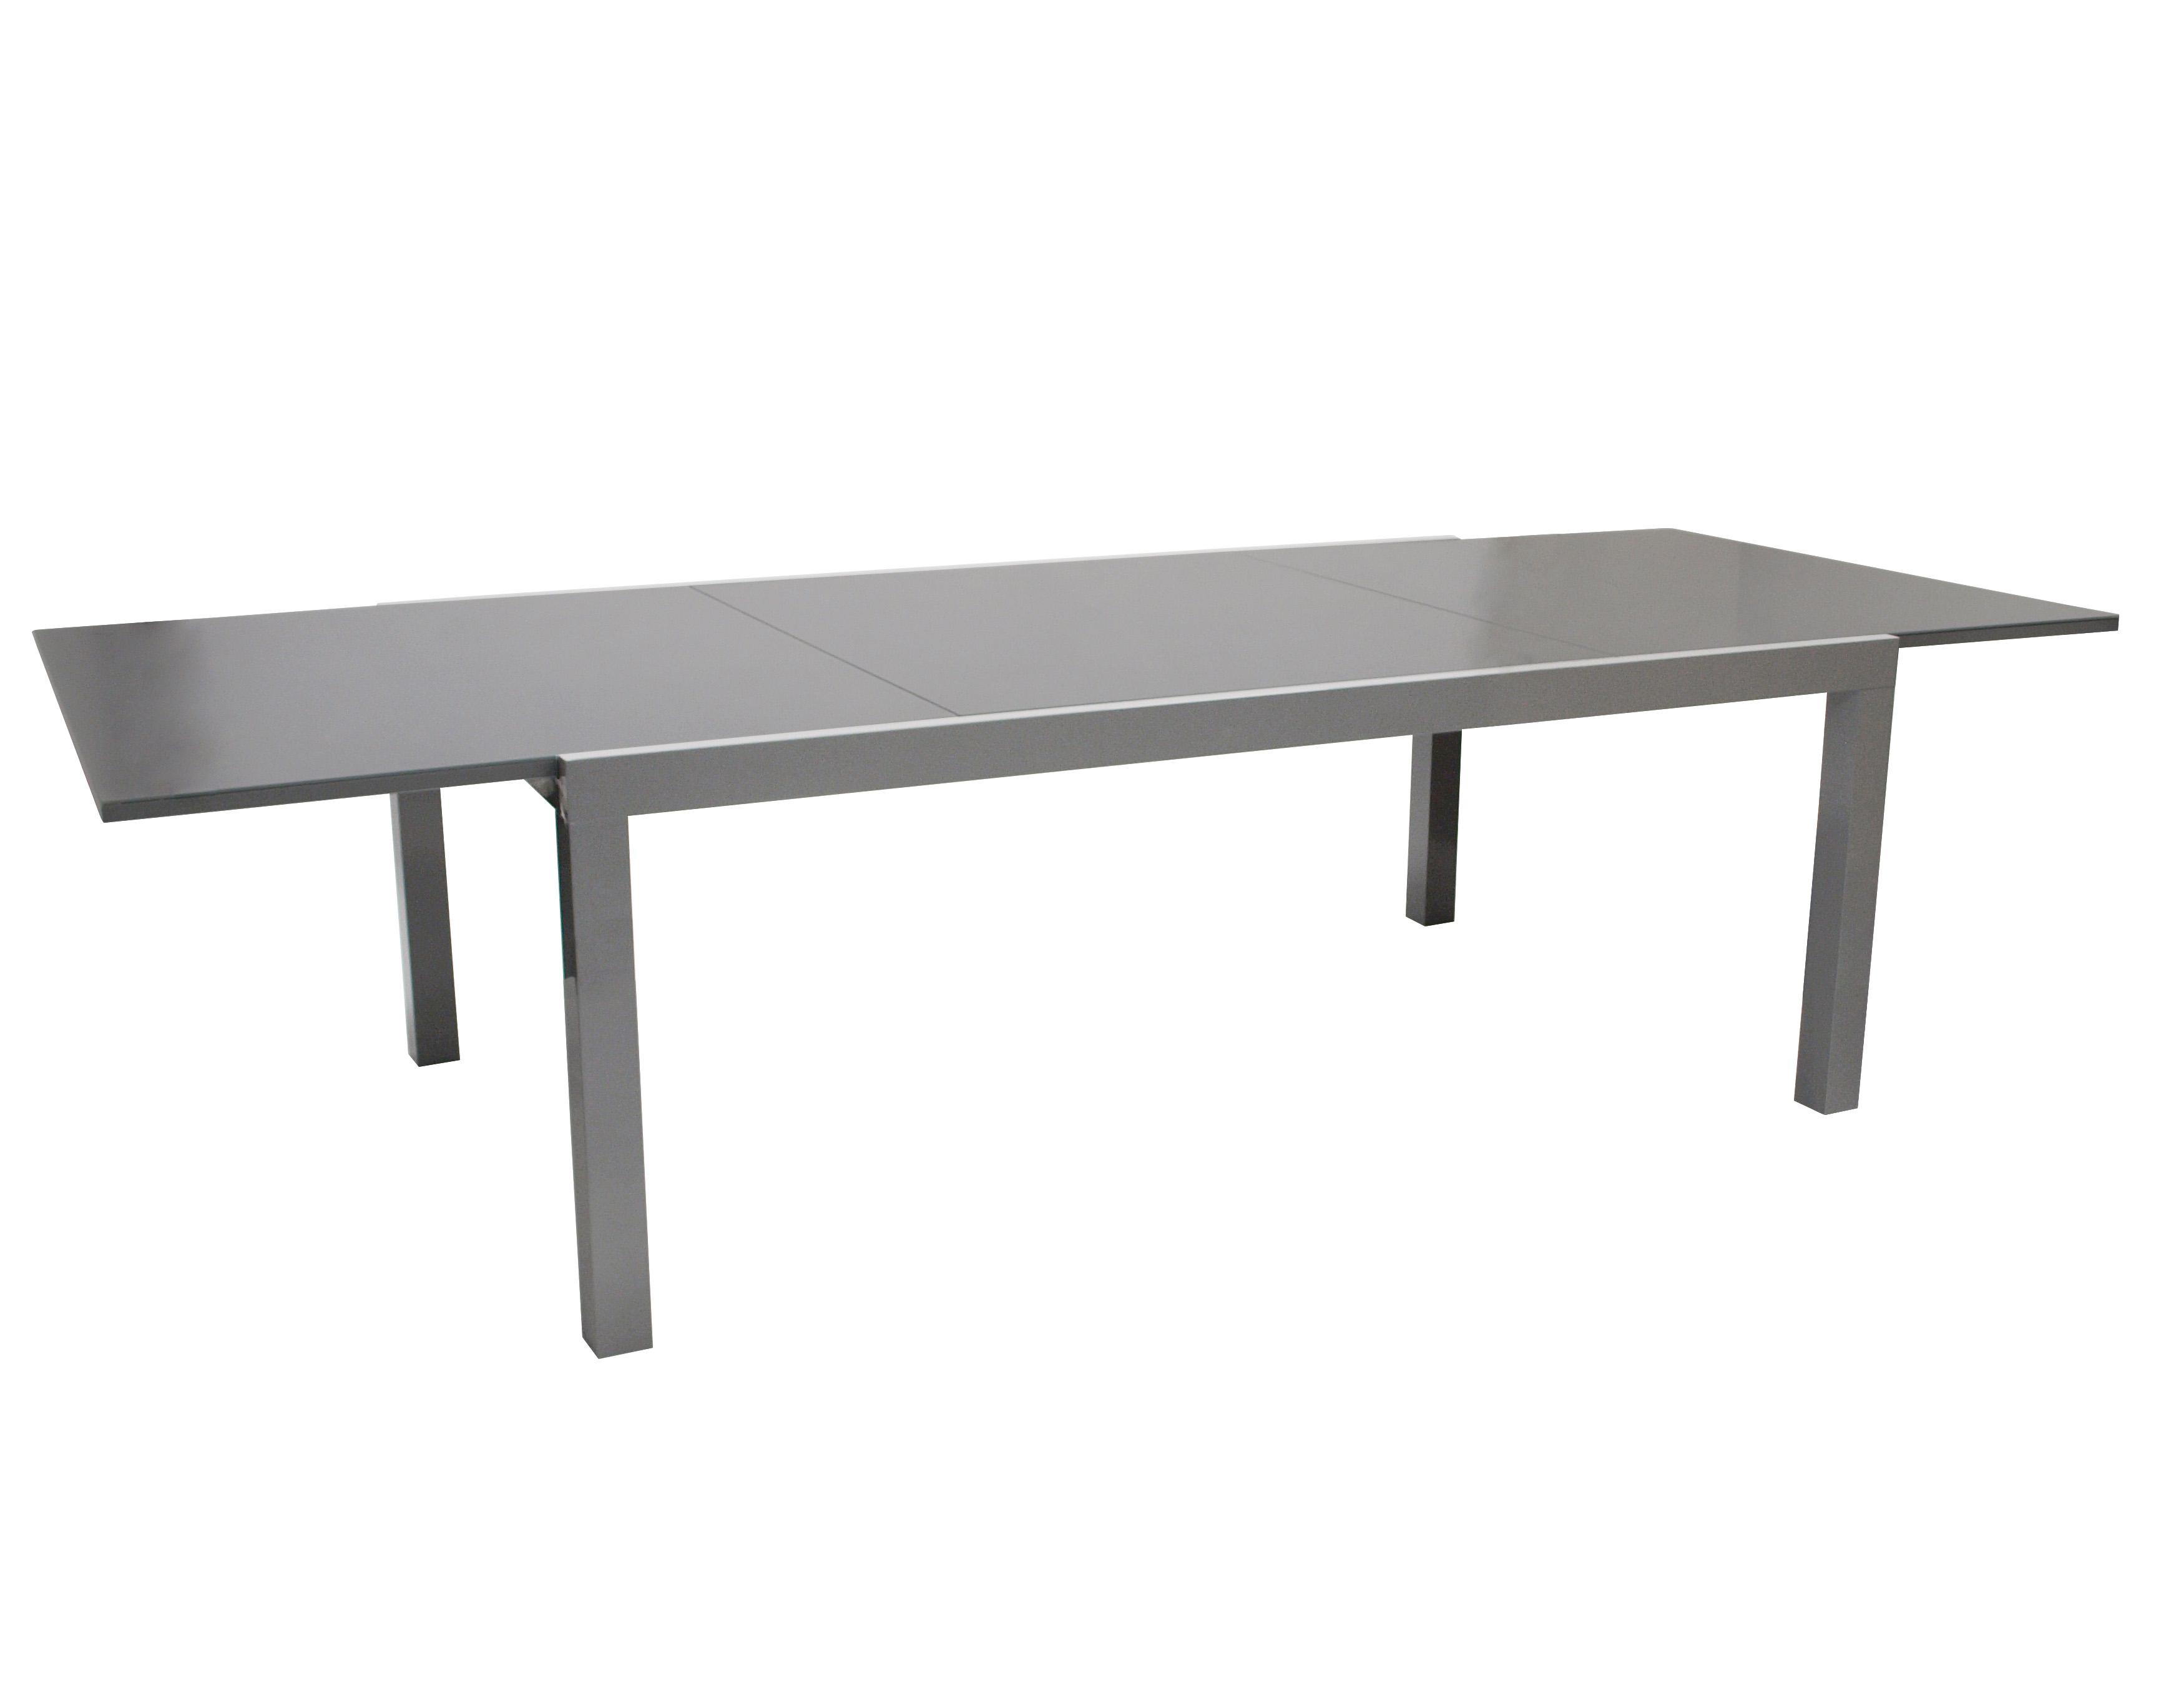 Gartentisch Ausziehbar B Ware Kettler Ausziehbarer Gartentisch 160